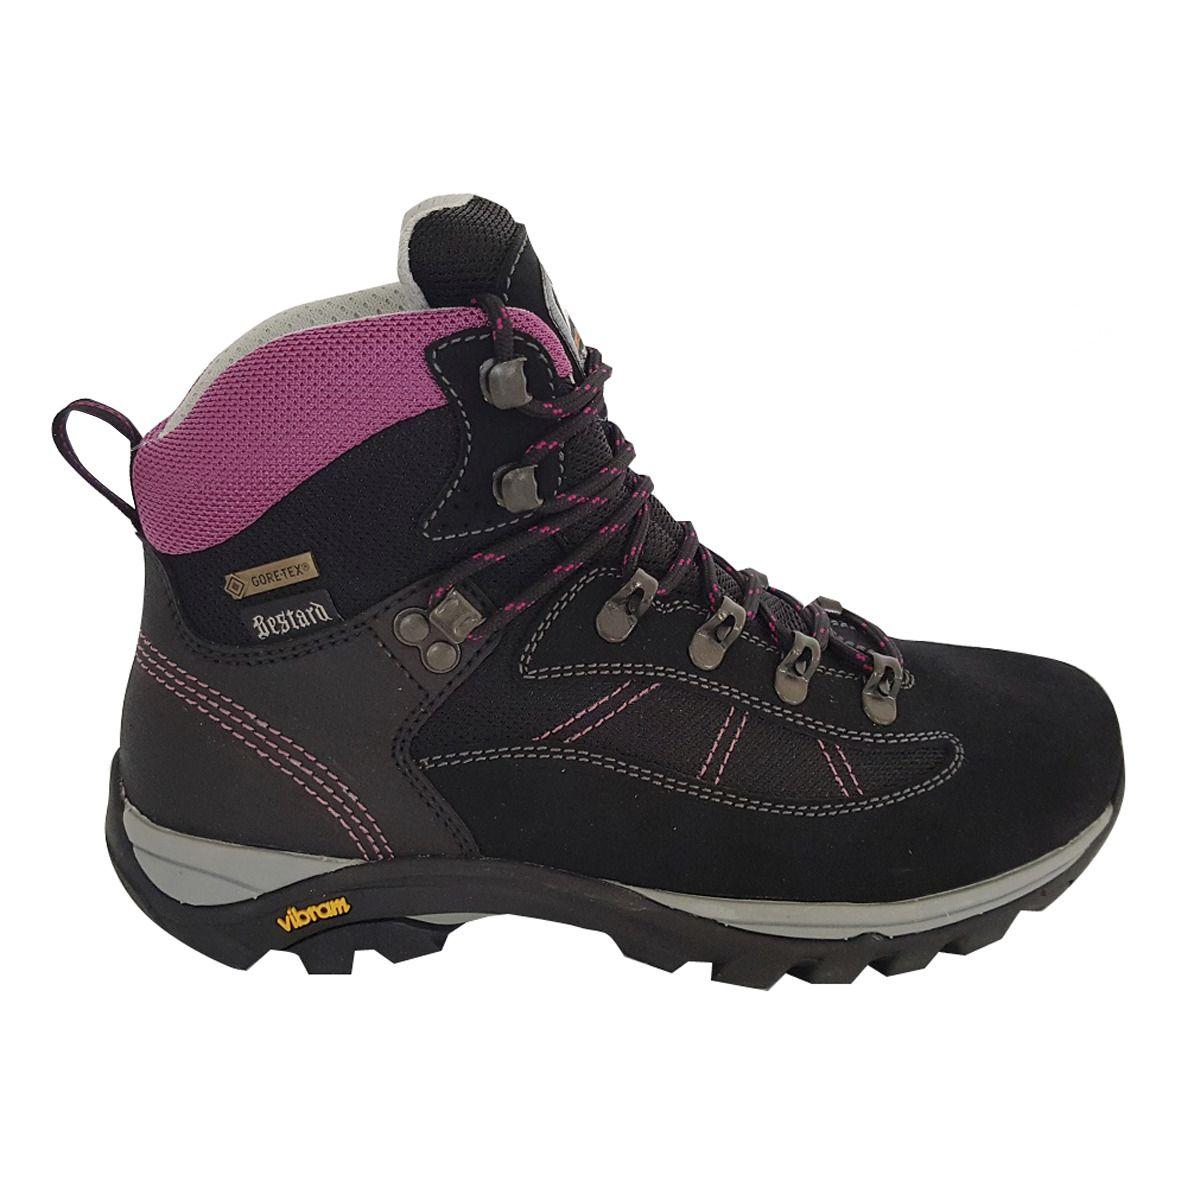 Botas de montaña de mujer Cenit Lady Bestard | Zapatillas de